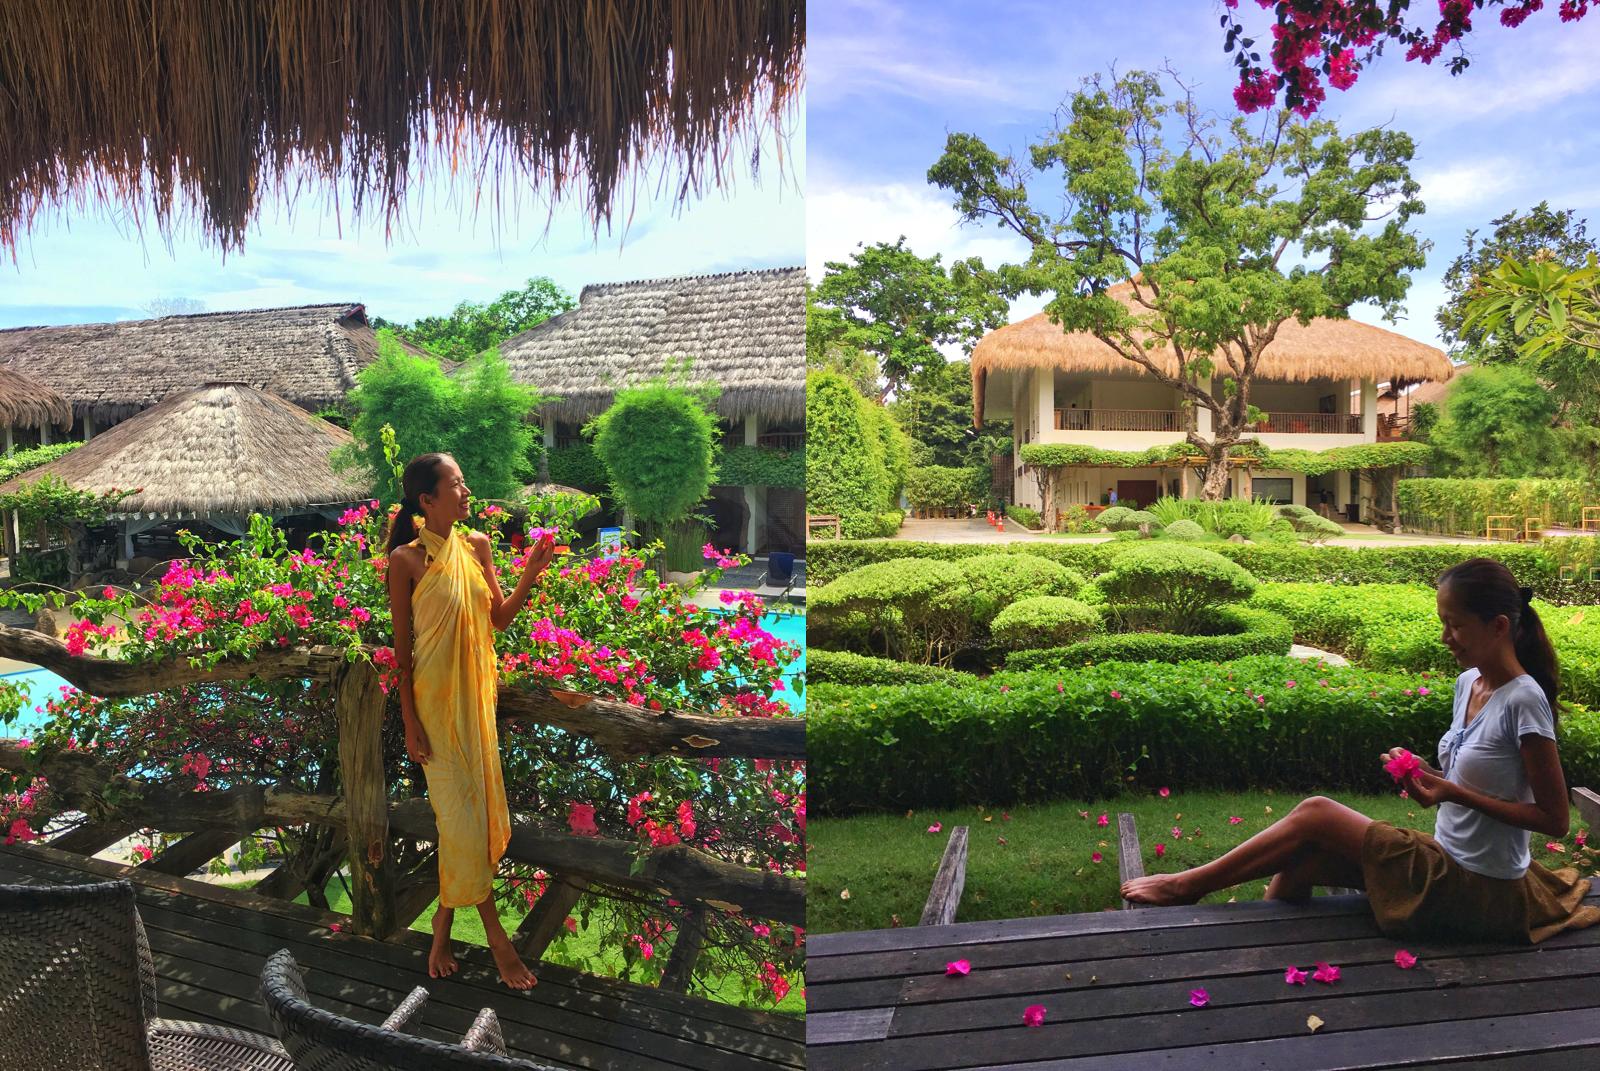 bluewater beach resort maribago cebu blog review